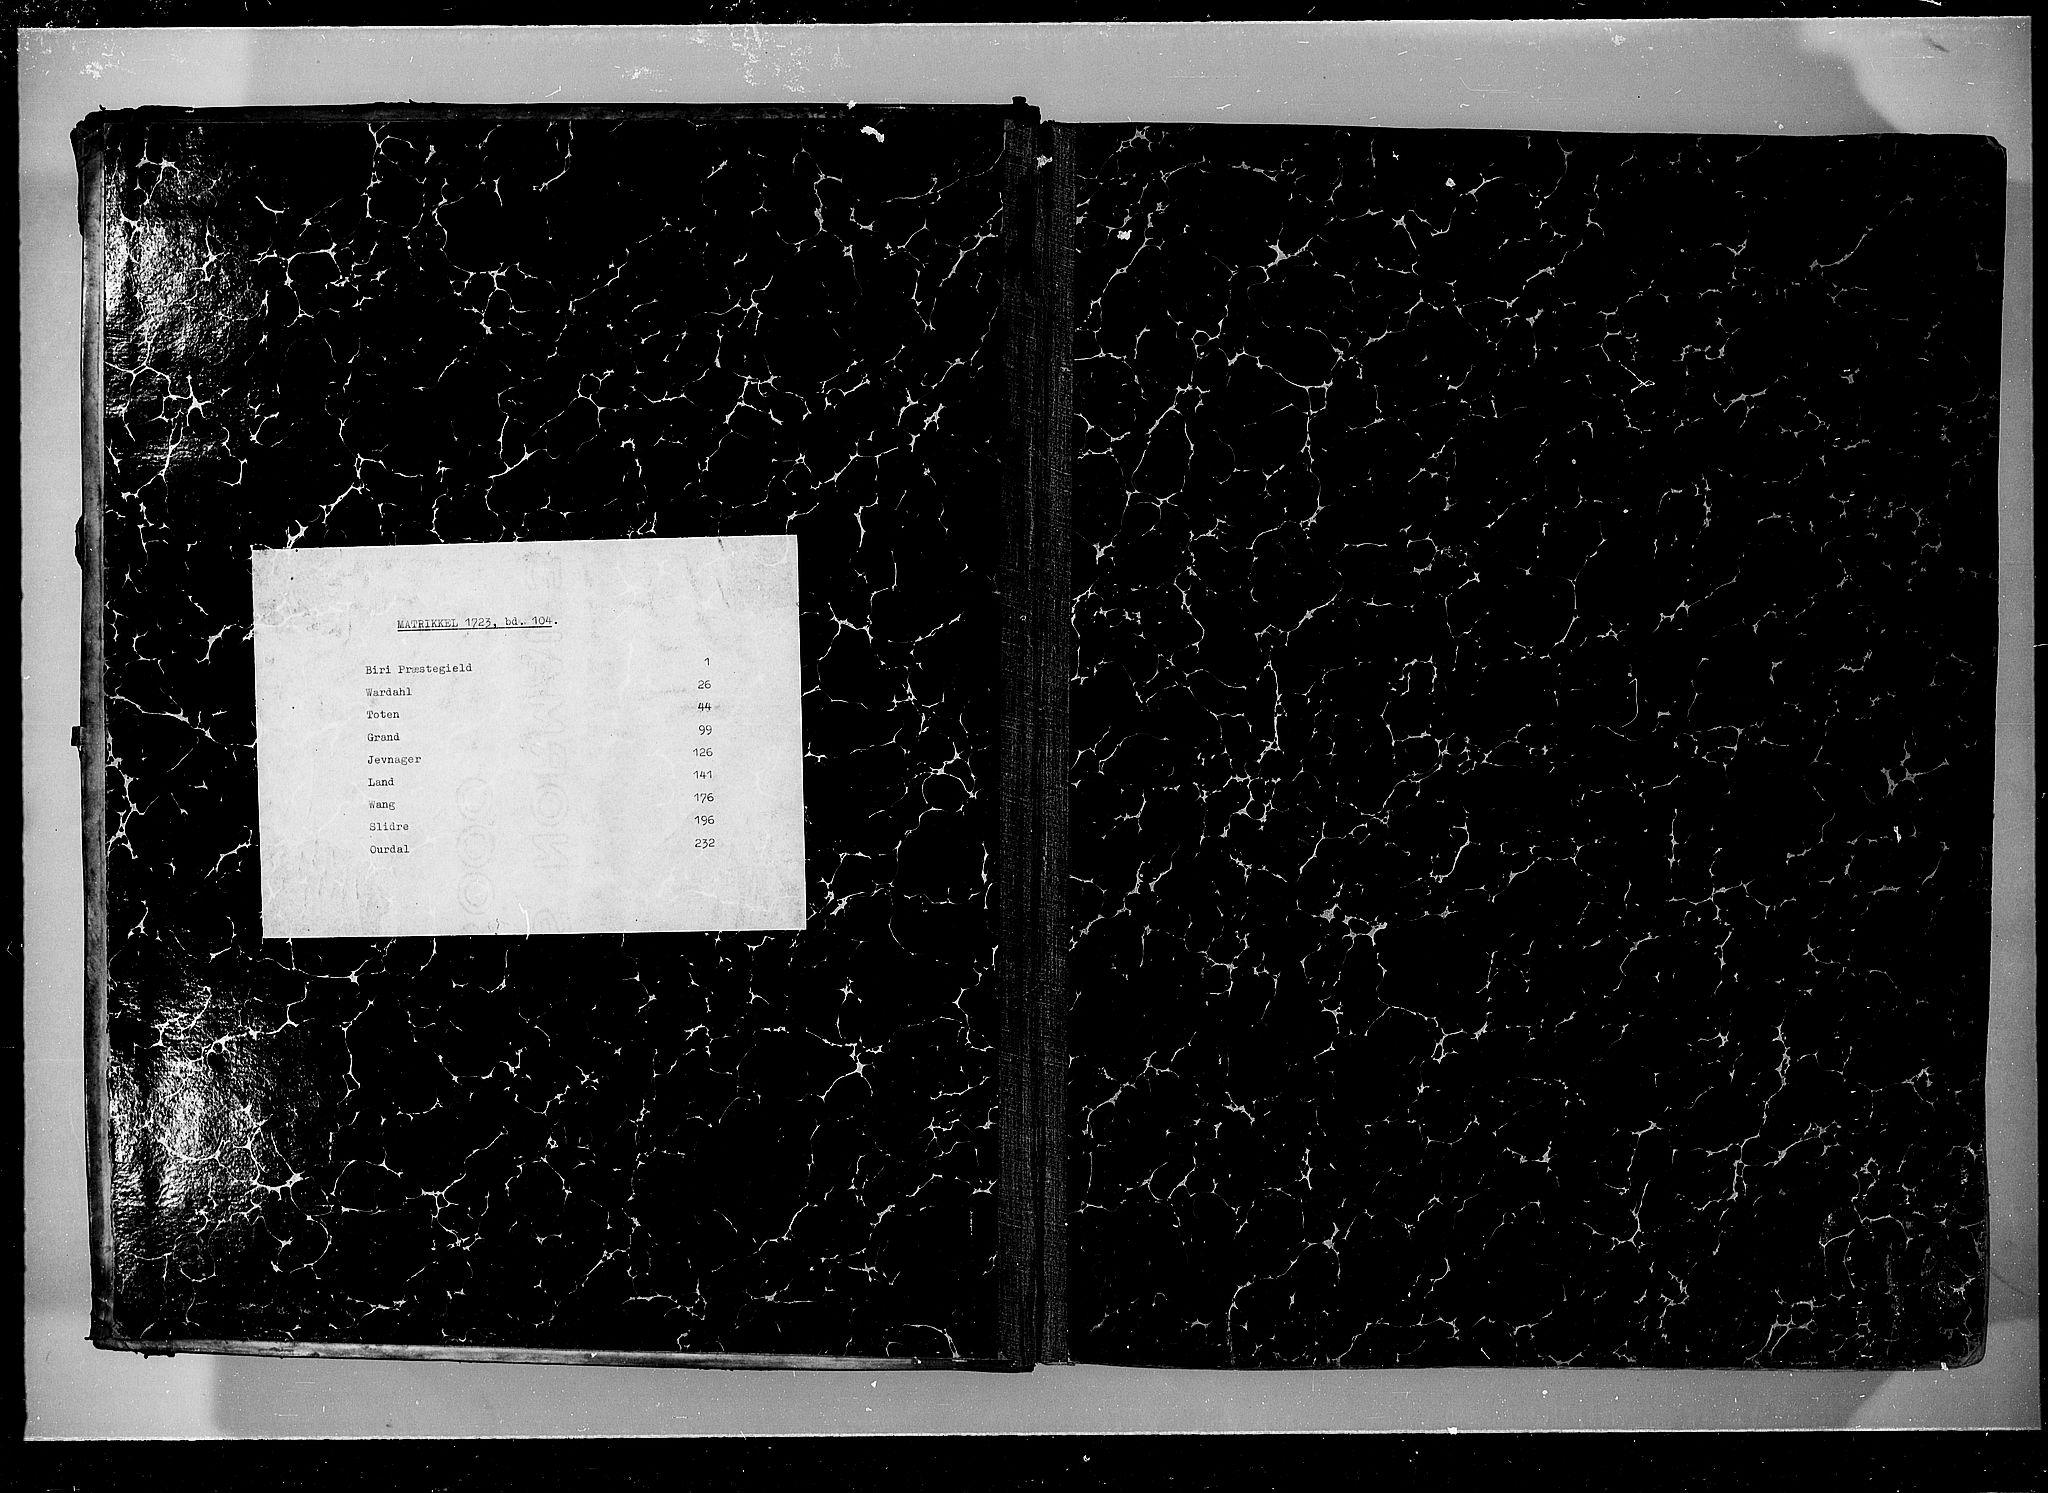 RA, Rentekammeret inntil 1814, Realistisk ordnet avdeling, N/Nb/Nbf/L0104: Hadeland, Toten og Valdres eksaminasjonsprotokoll, 1723, s. upaginert